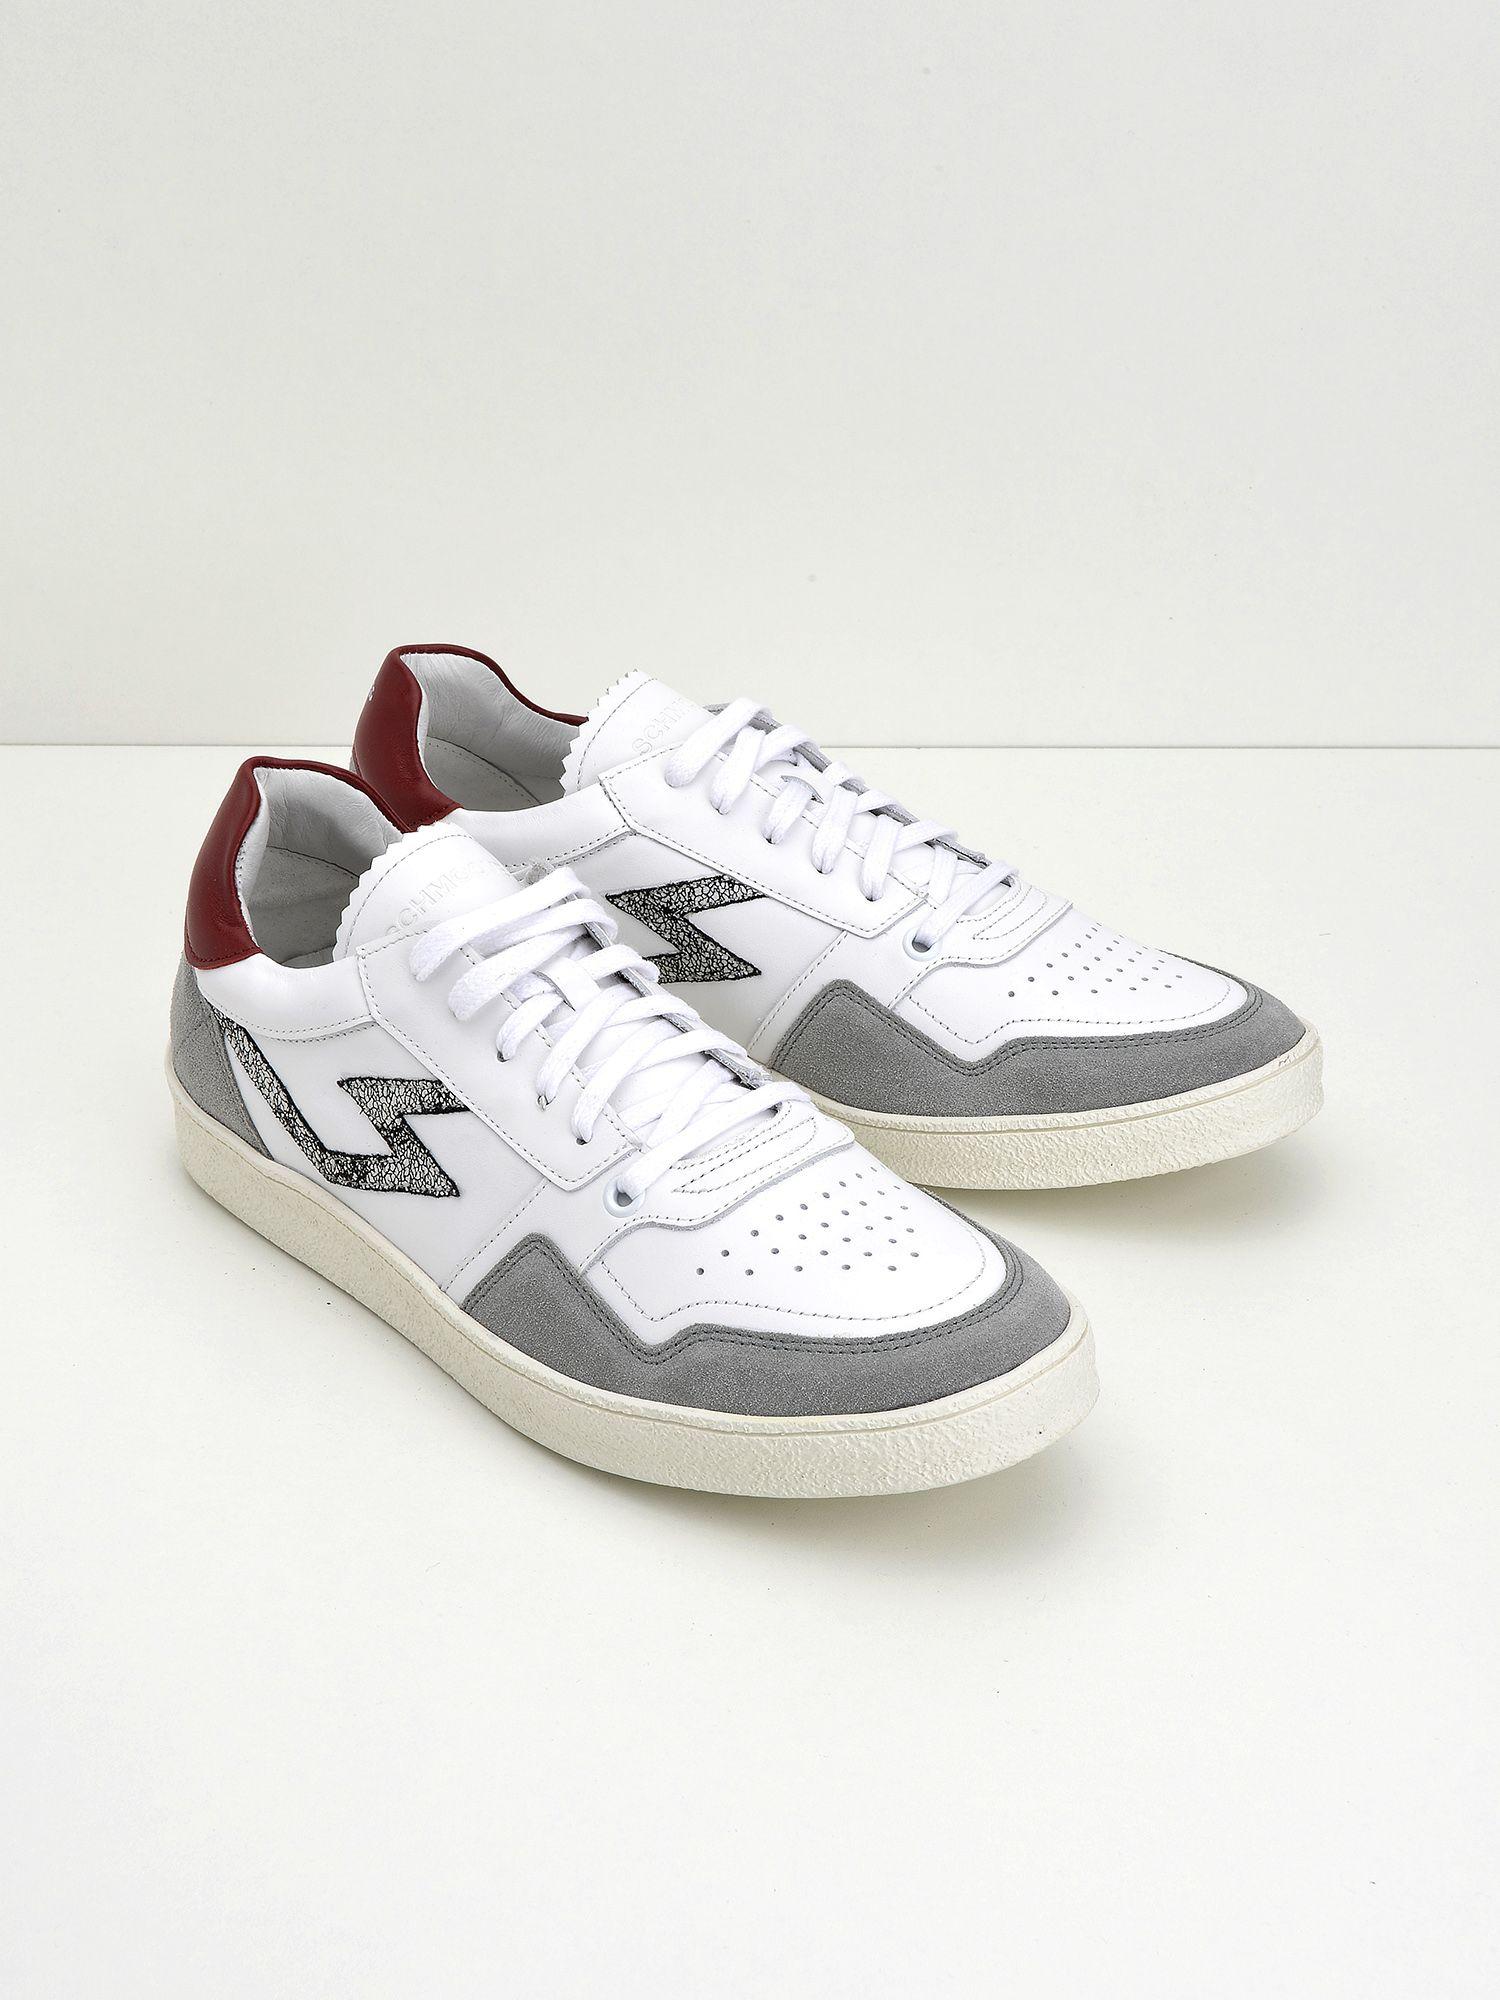 schmoove.fr Squash Tennis M - Suede/Nappa - Cimento/White